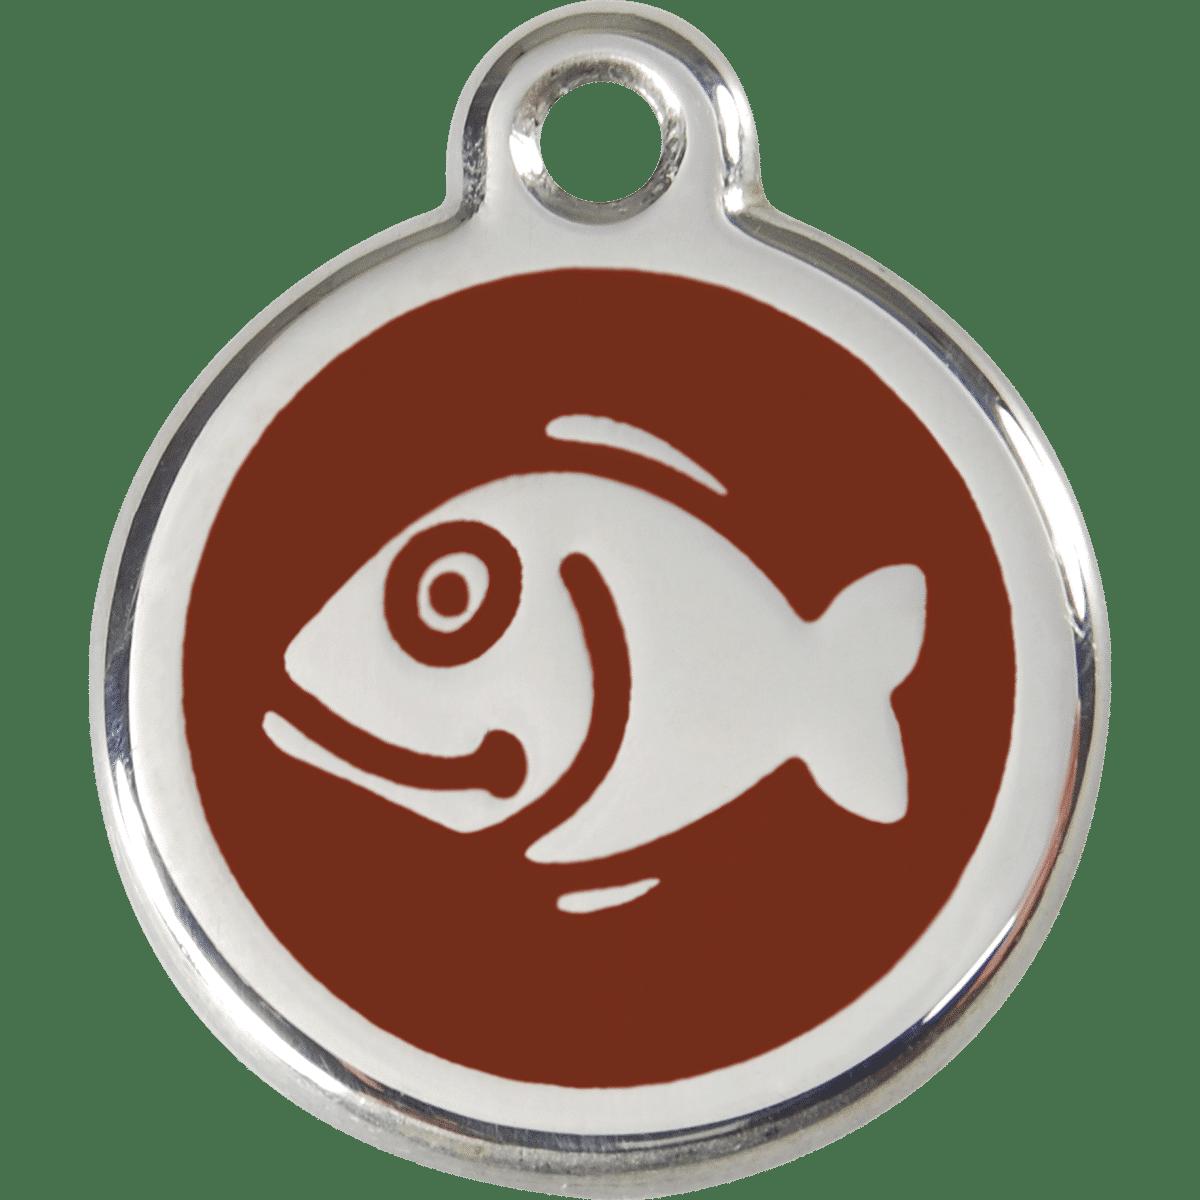 Rolig fisk på kattens id-bricka